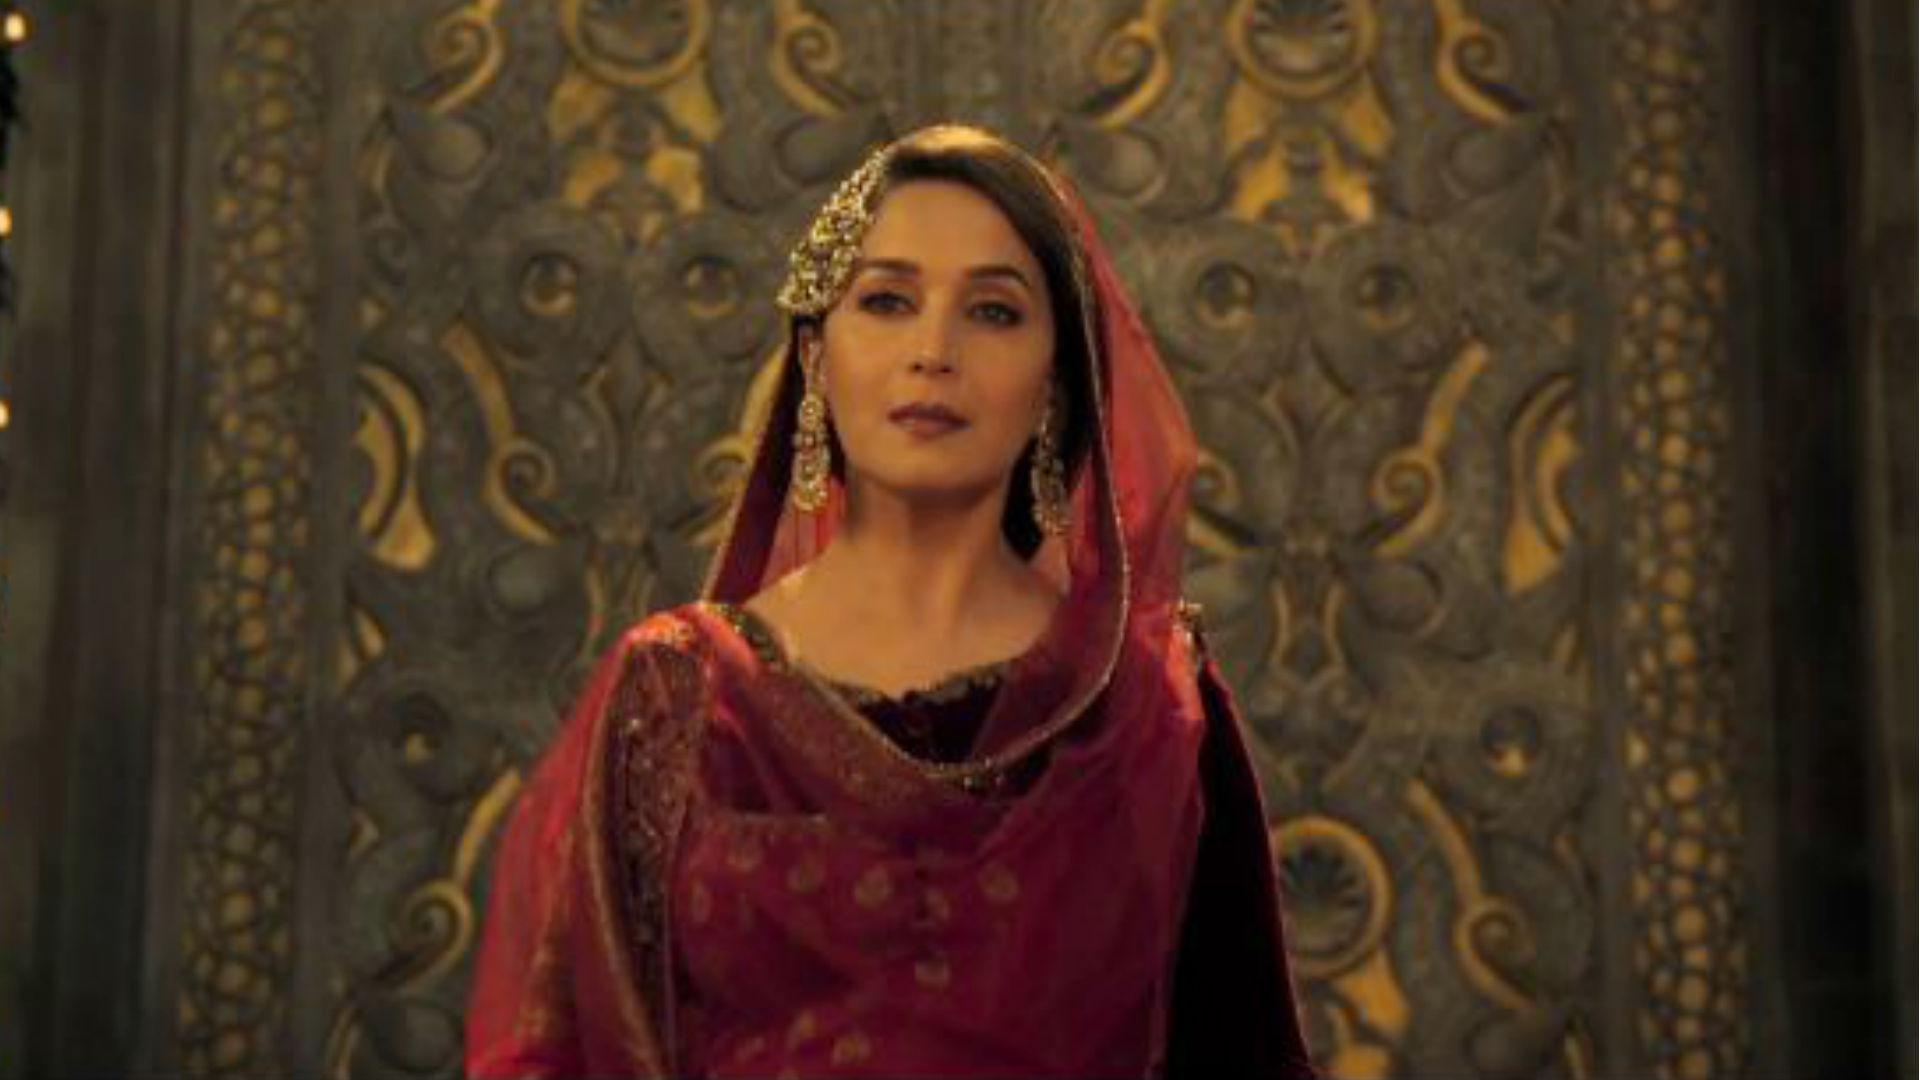 माधुरी दीक्षित एक्सक्लूसिव: फिल्म कलंक की बहार बेगम ने खोला राज, बताई उर्दू सीखने की दिलचस्प वजह